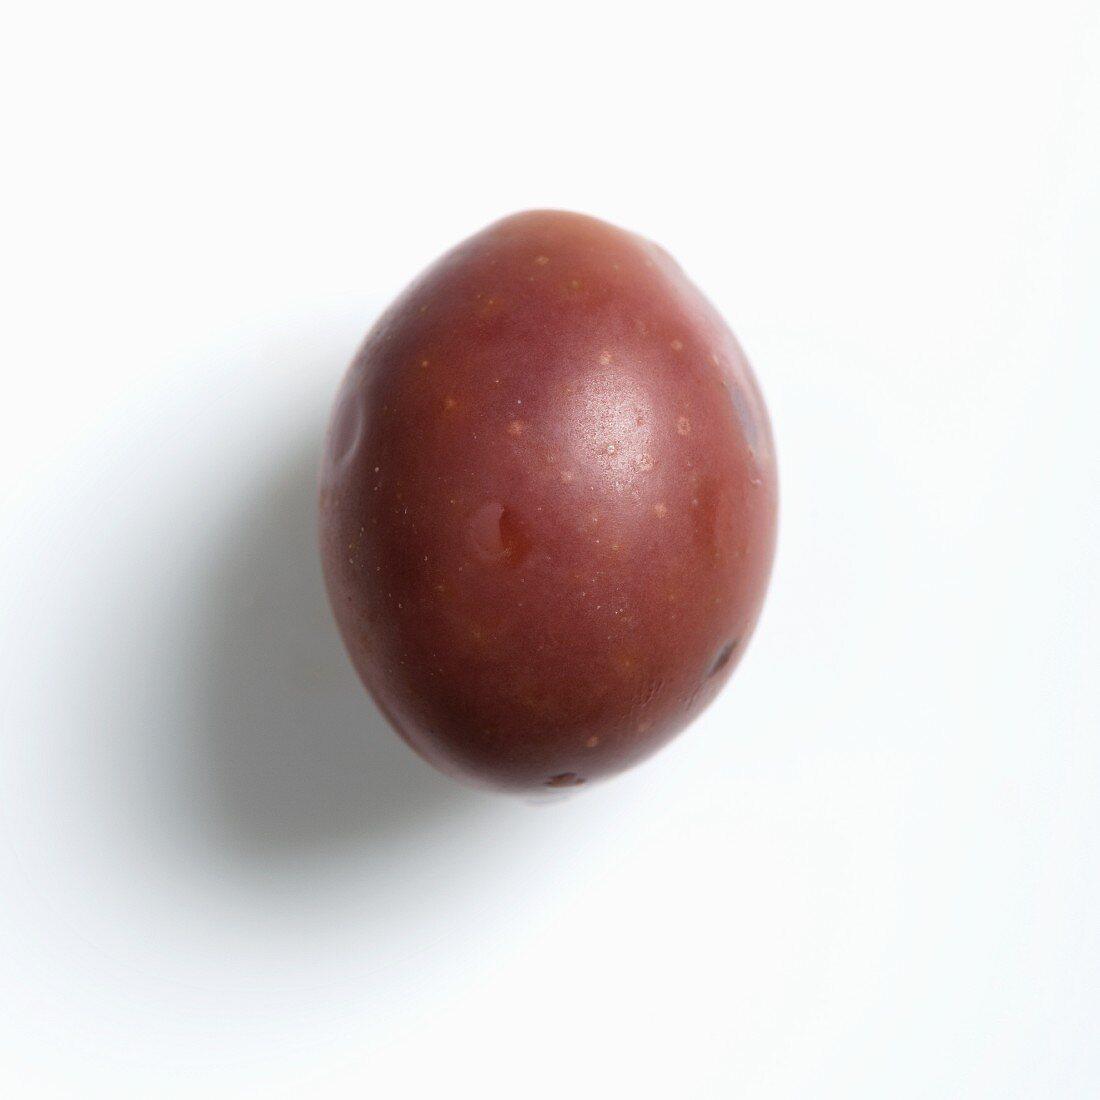 A Baresana olive